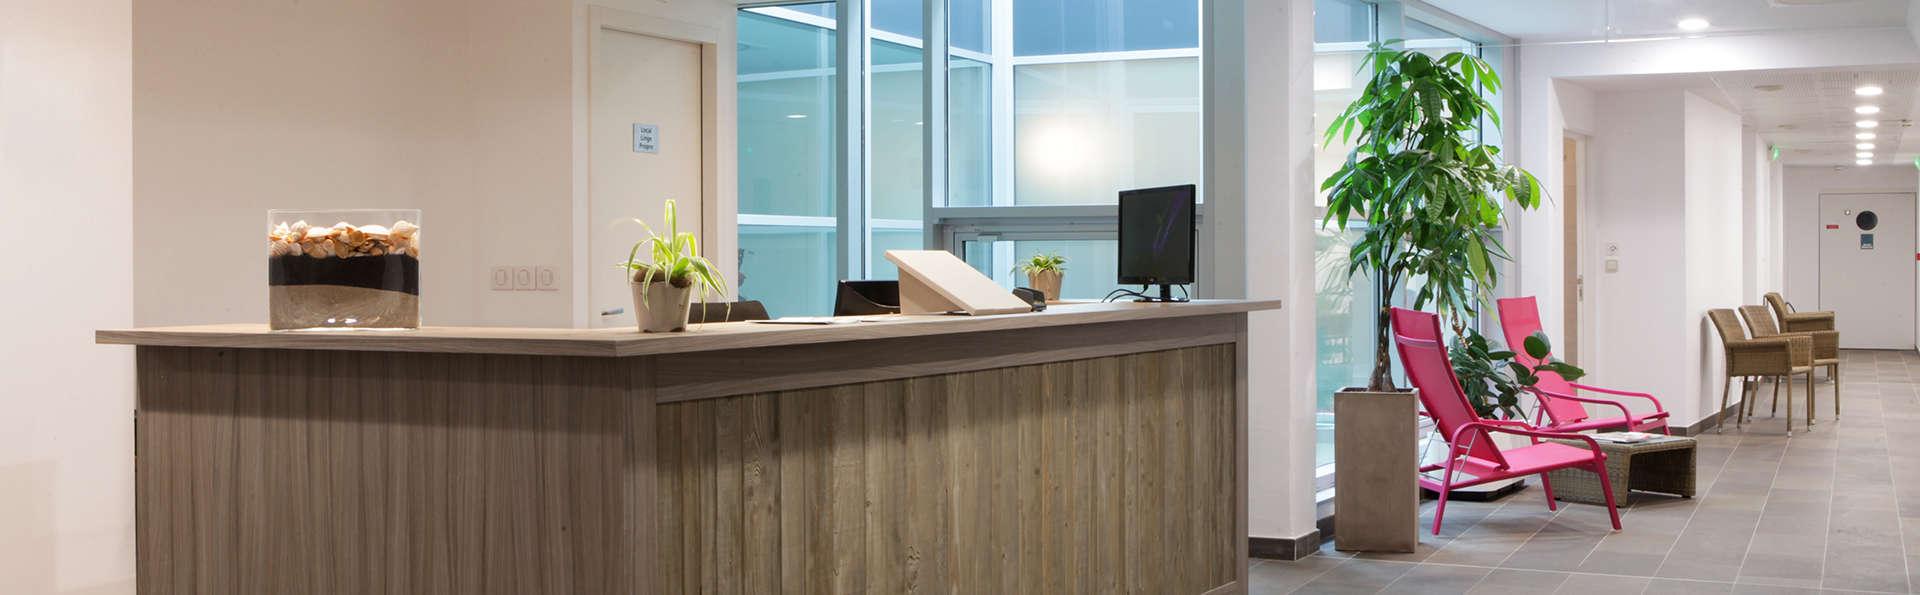 Hotel de la Baie Thalassothérapie Previthal - edit_reception.jpg